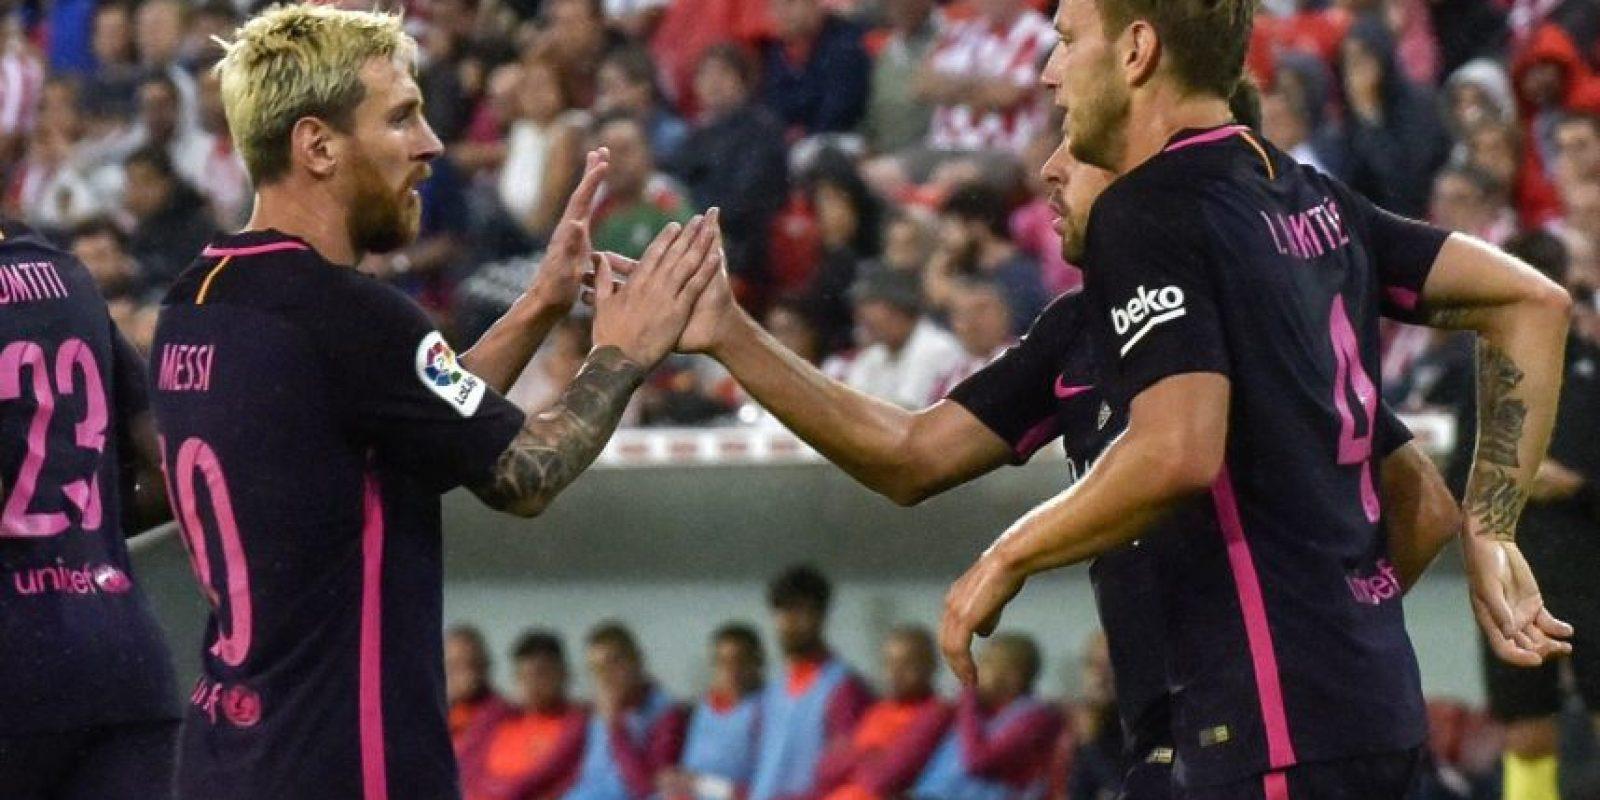 El argentino será una baja sensible para el Barcelona en las próximas semanas. Foto:Getty Images, EFE y AFP